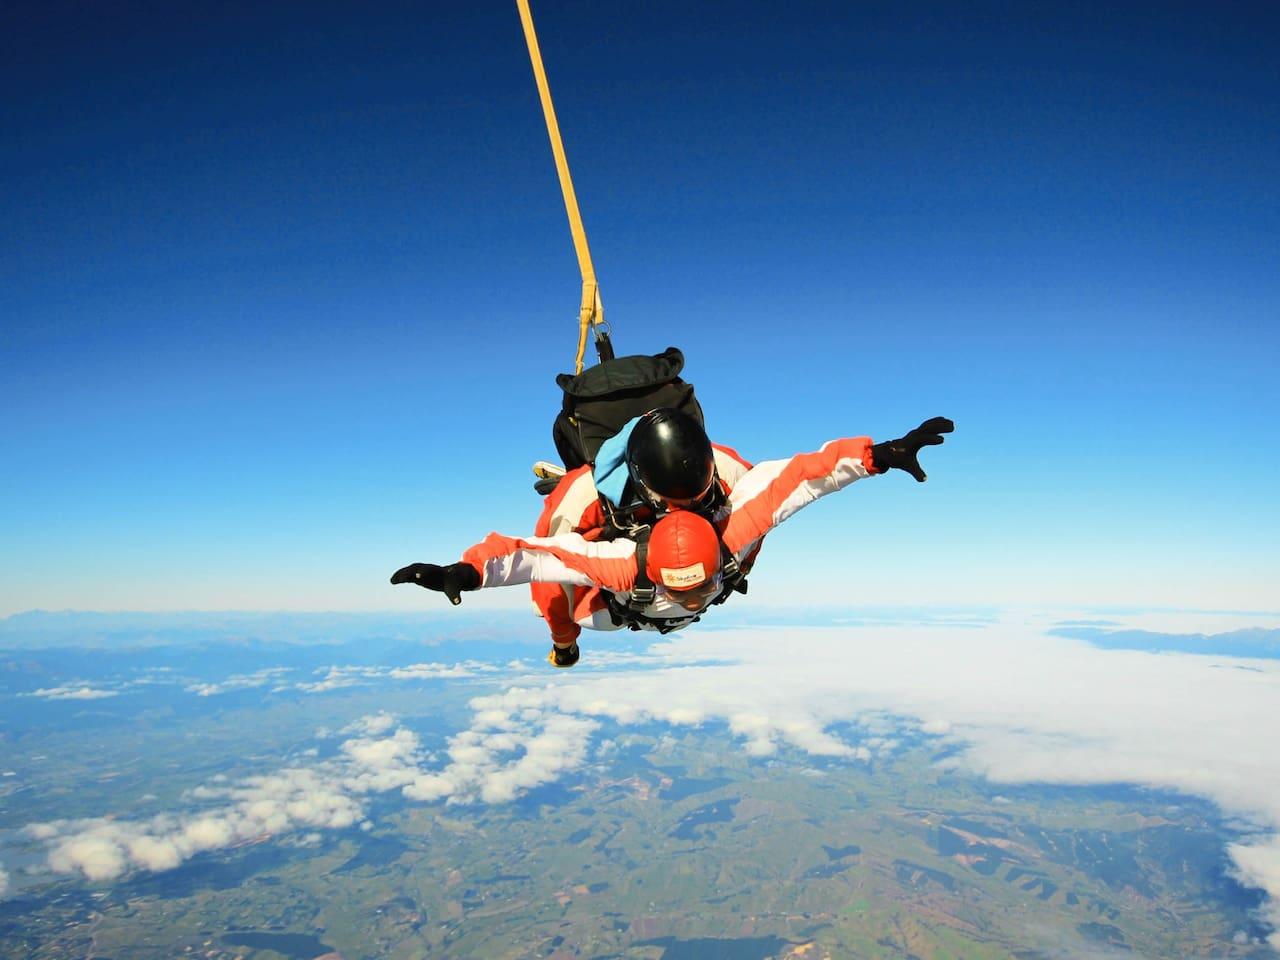 新西兰如果一生中只能跳一次伞,一定要来尼尔森塔斯曼!